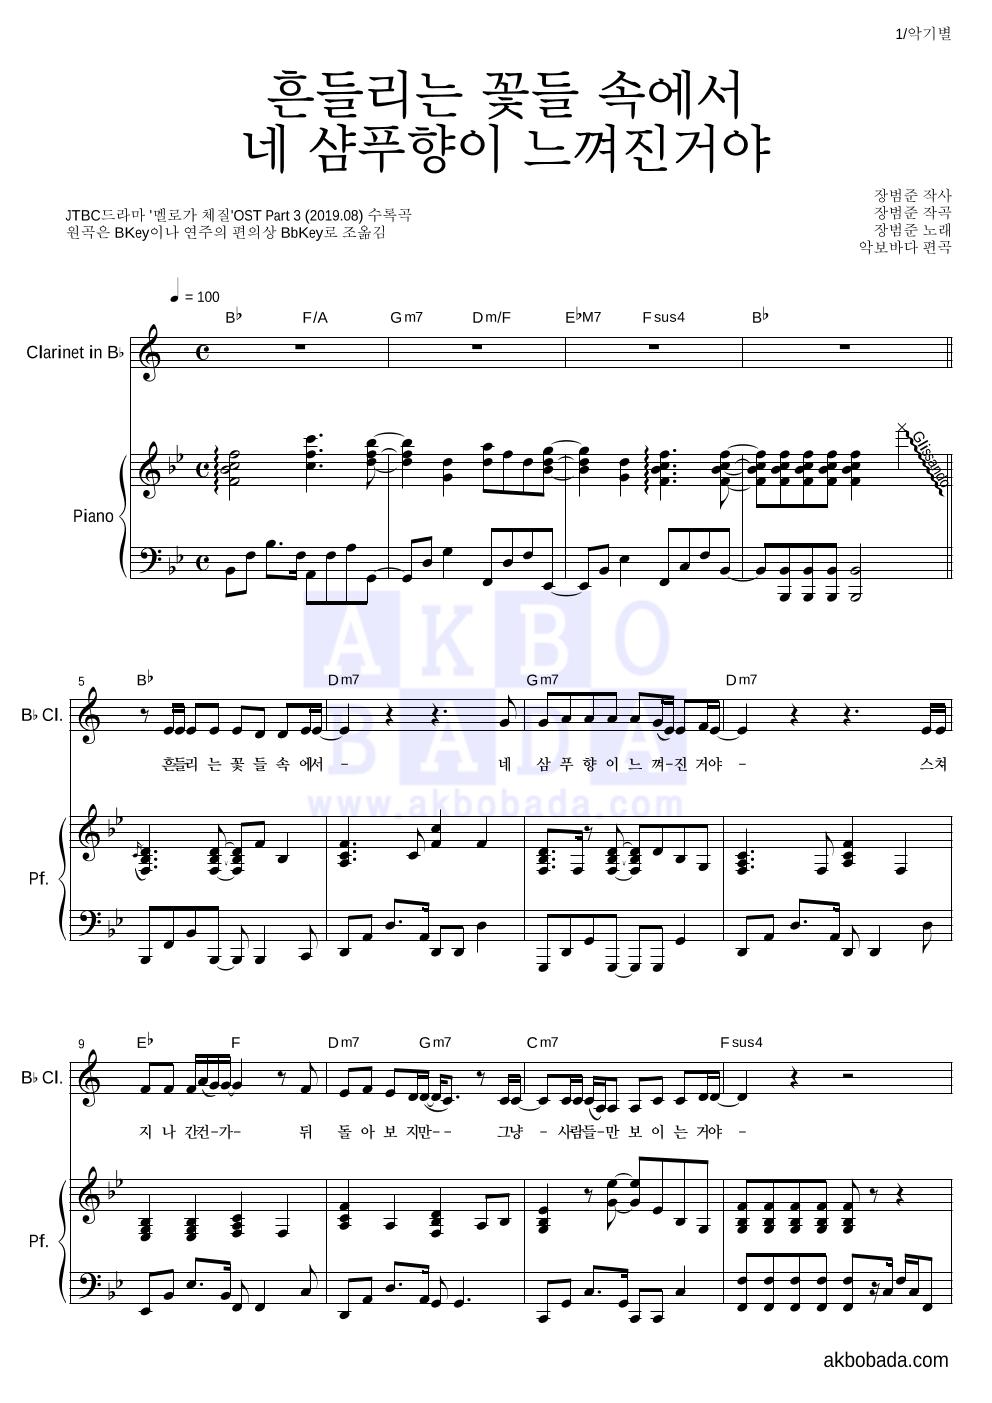 장범준 - 흔들리는 꽃들 속에서 네 샴푸향이 느껴진거야 클라리넷&피아노 악보